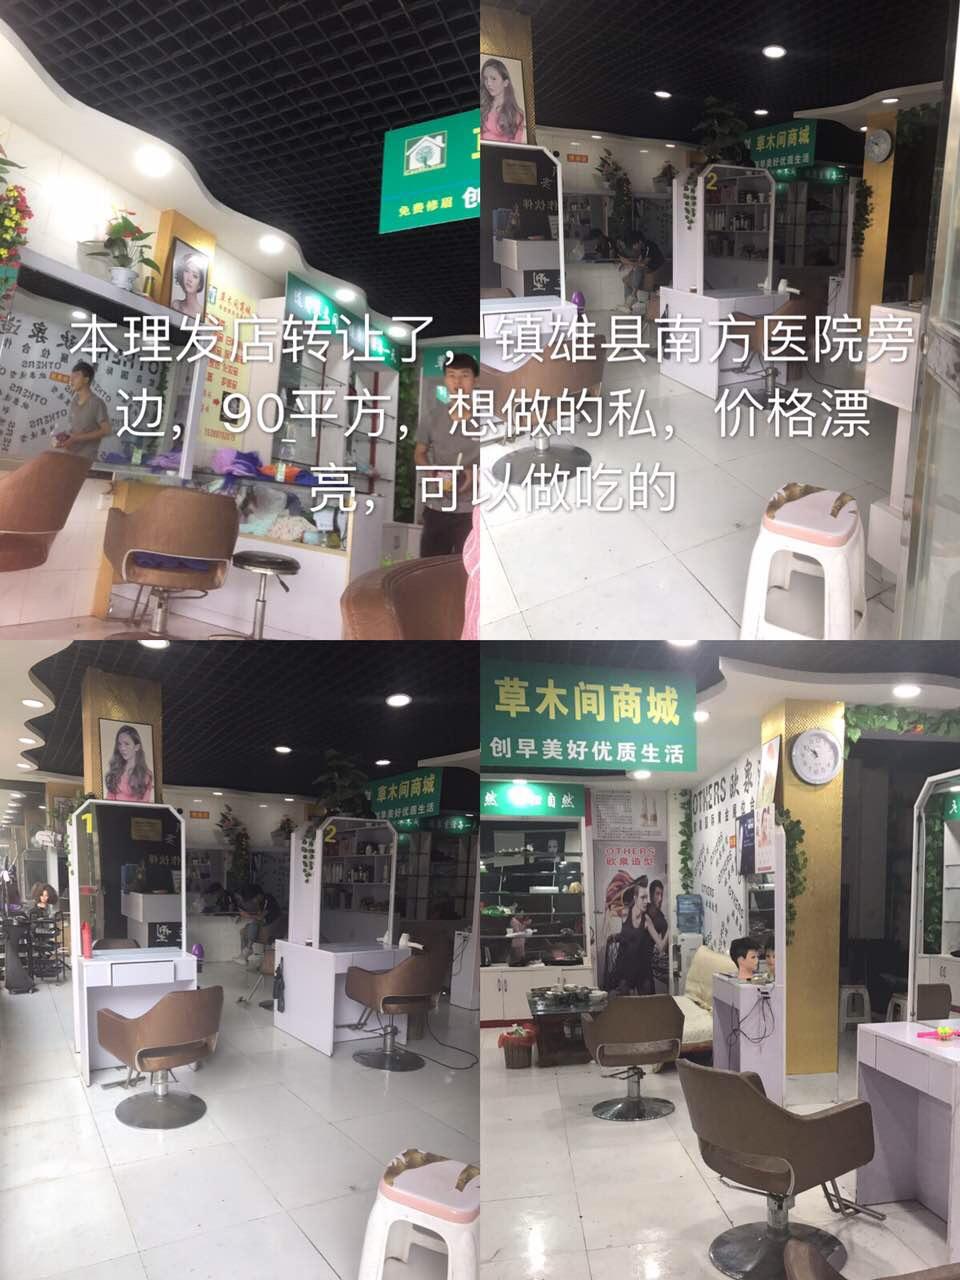 镇雄县理发店低价转让